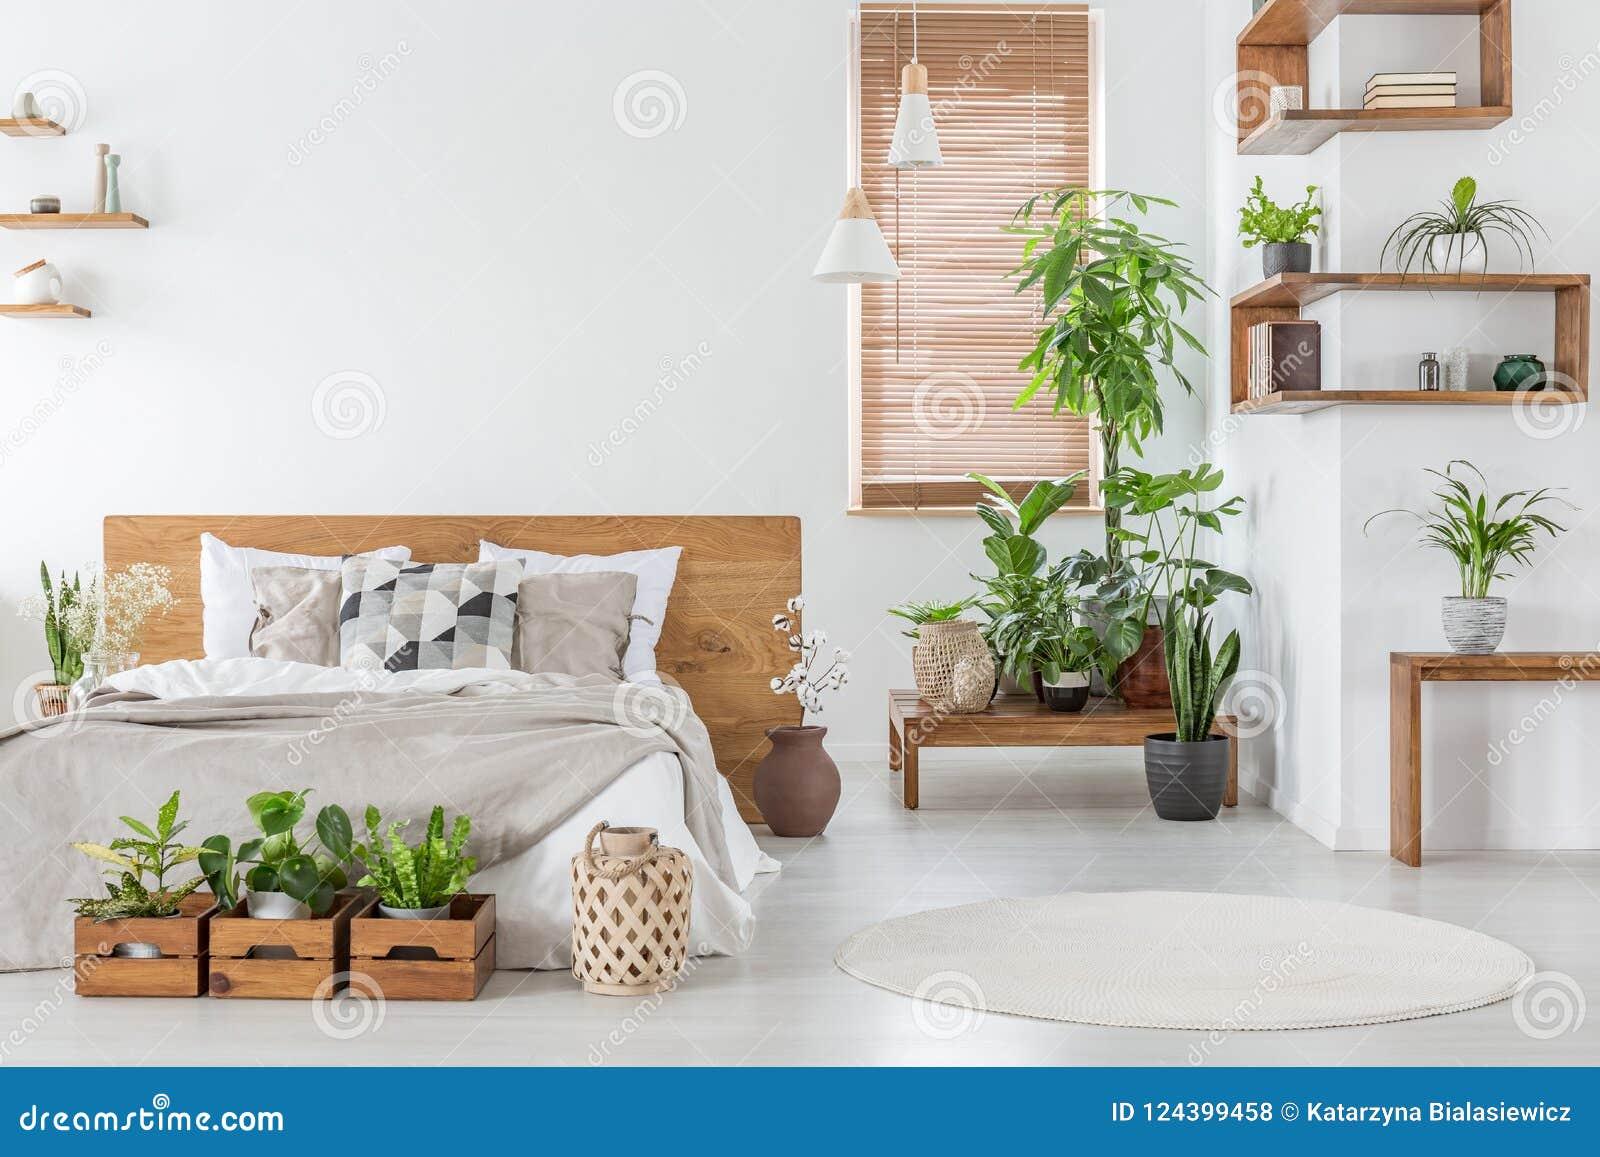 Foto real de um interior botânico do quarto com prateleiras de madeira,